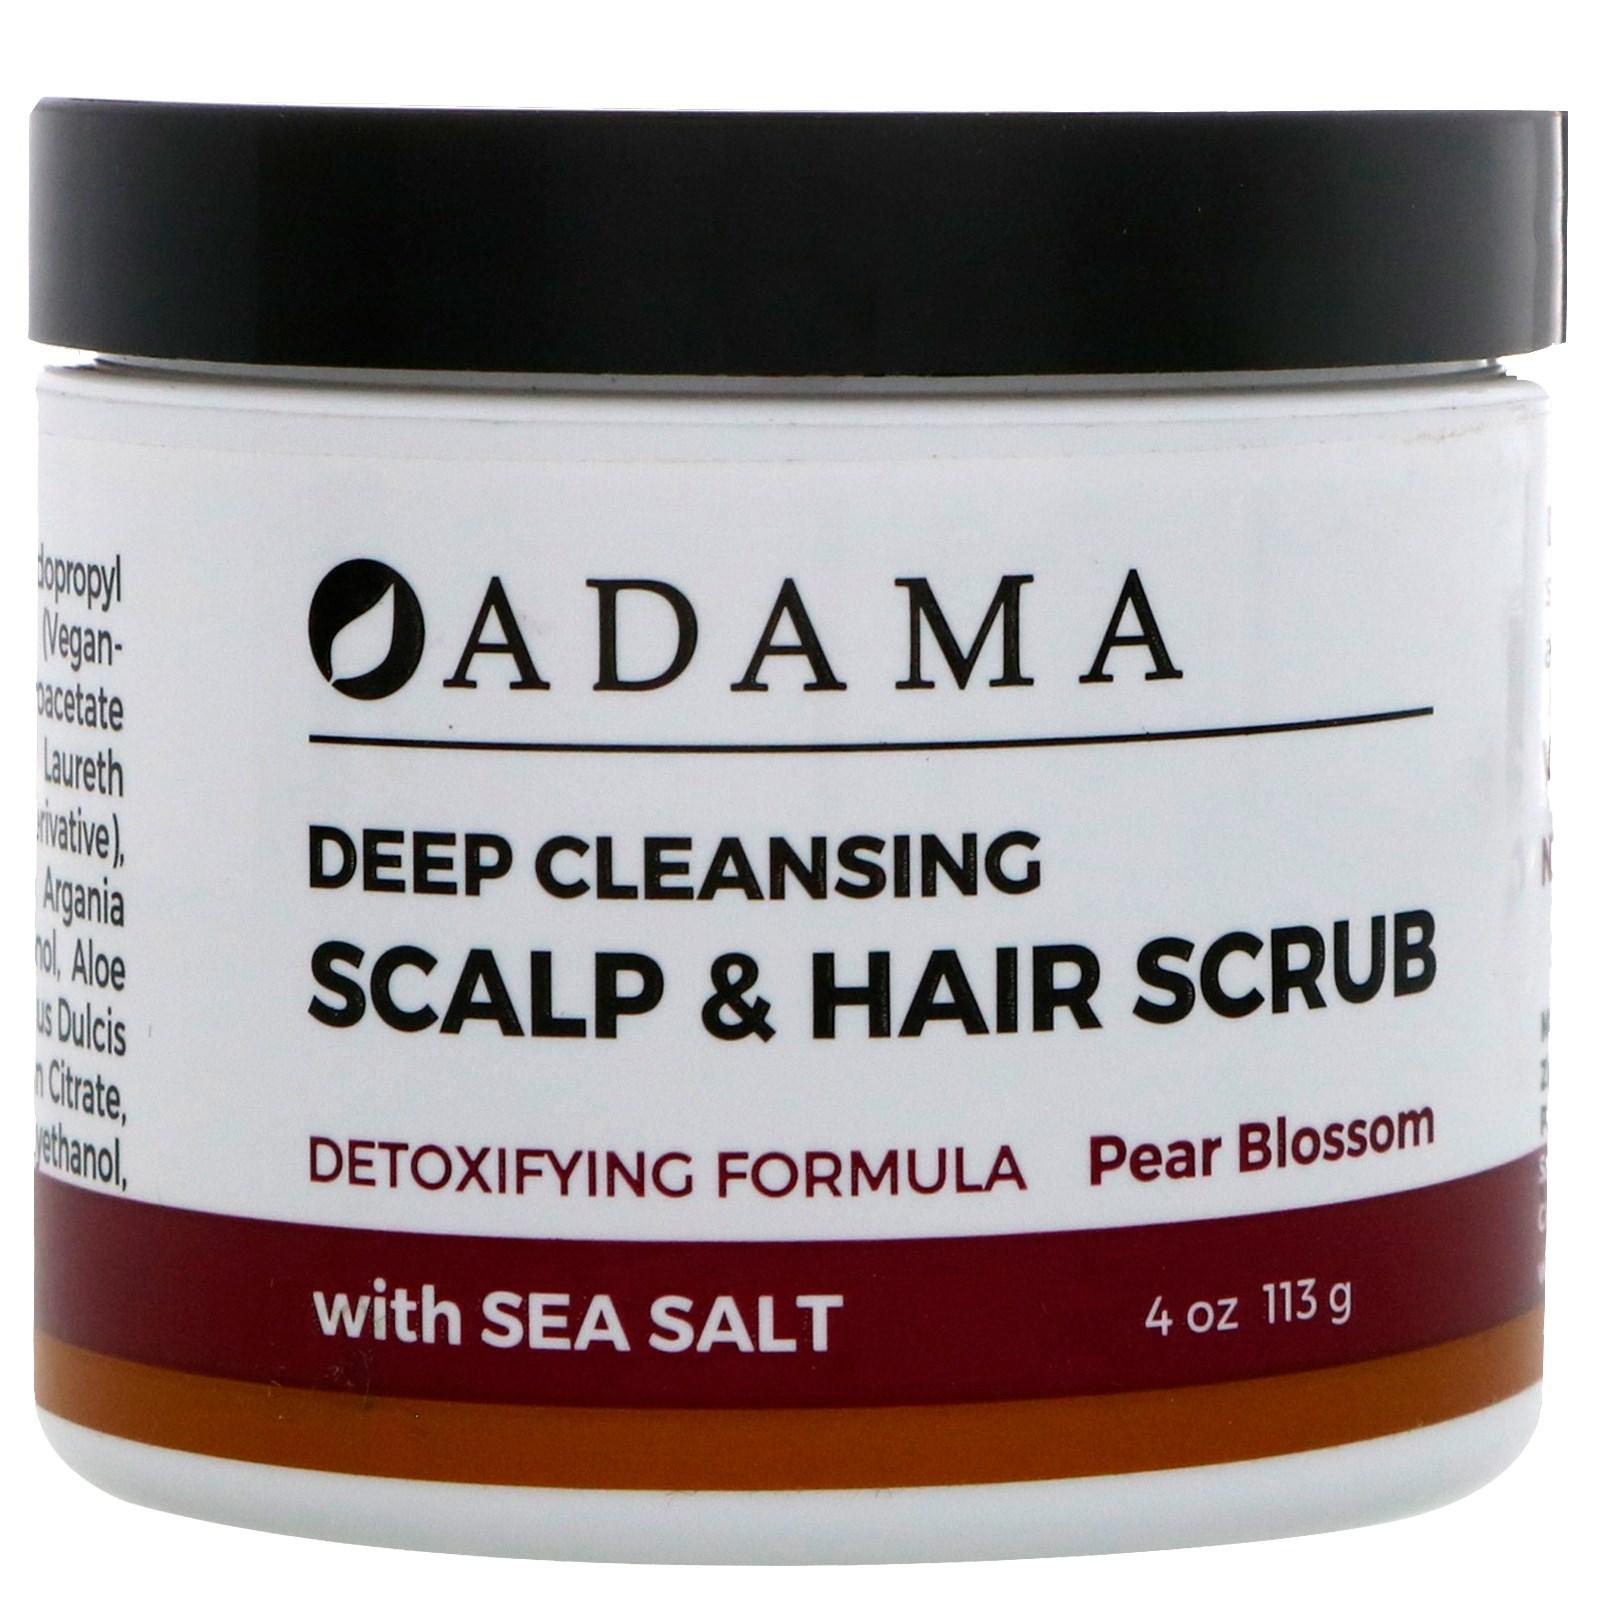 Adama Body Butter Citrus Blossom Zion Health 4 oz Cream alaffia rooibos & shea antioxidant facial cleanser, 3.4 oz